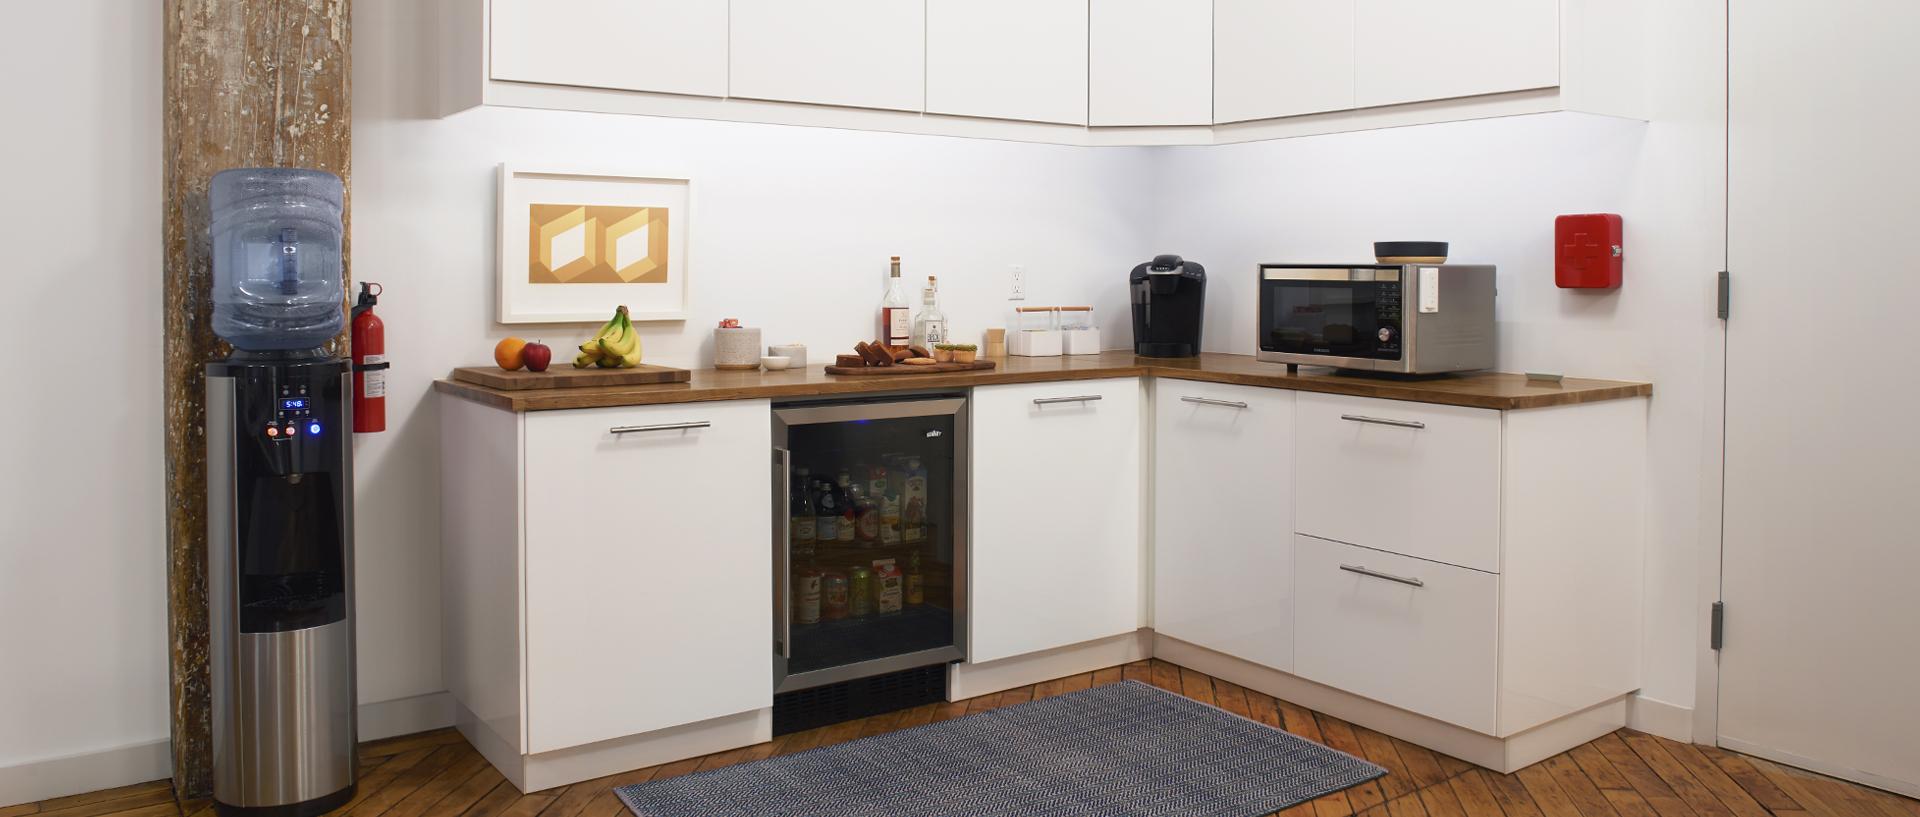 HonestLabor_Kitchen.jpg